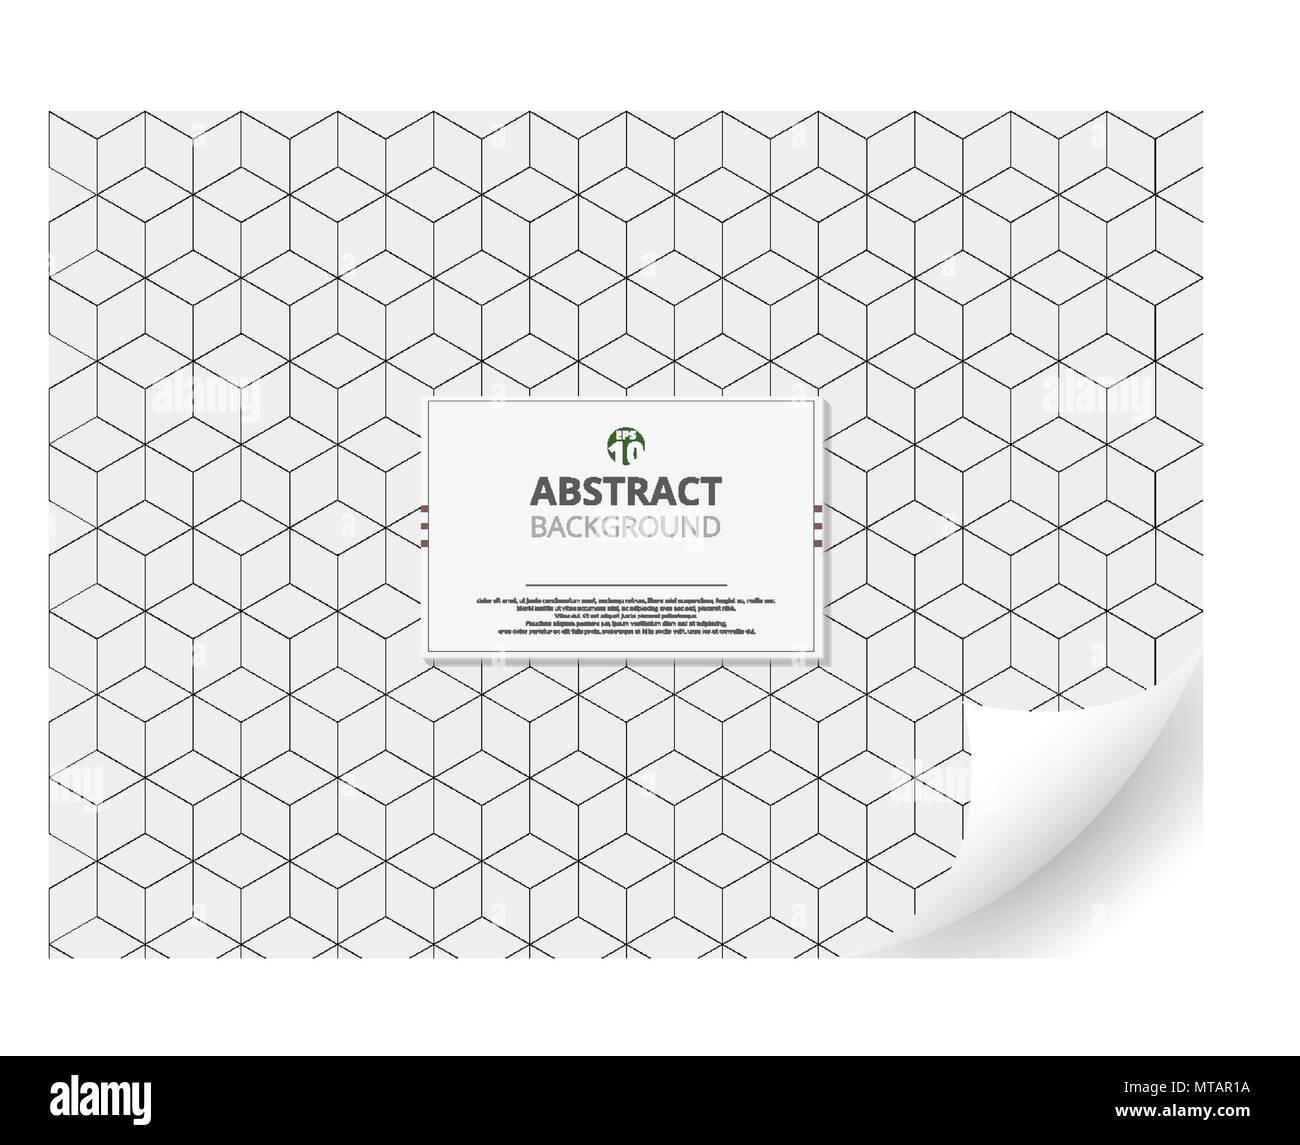 Zusammenfassung Von Geometrischen Cube Muster Hintergrund Mit Kopie